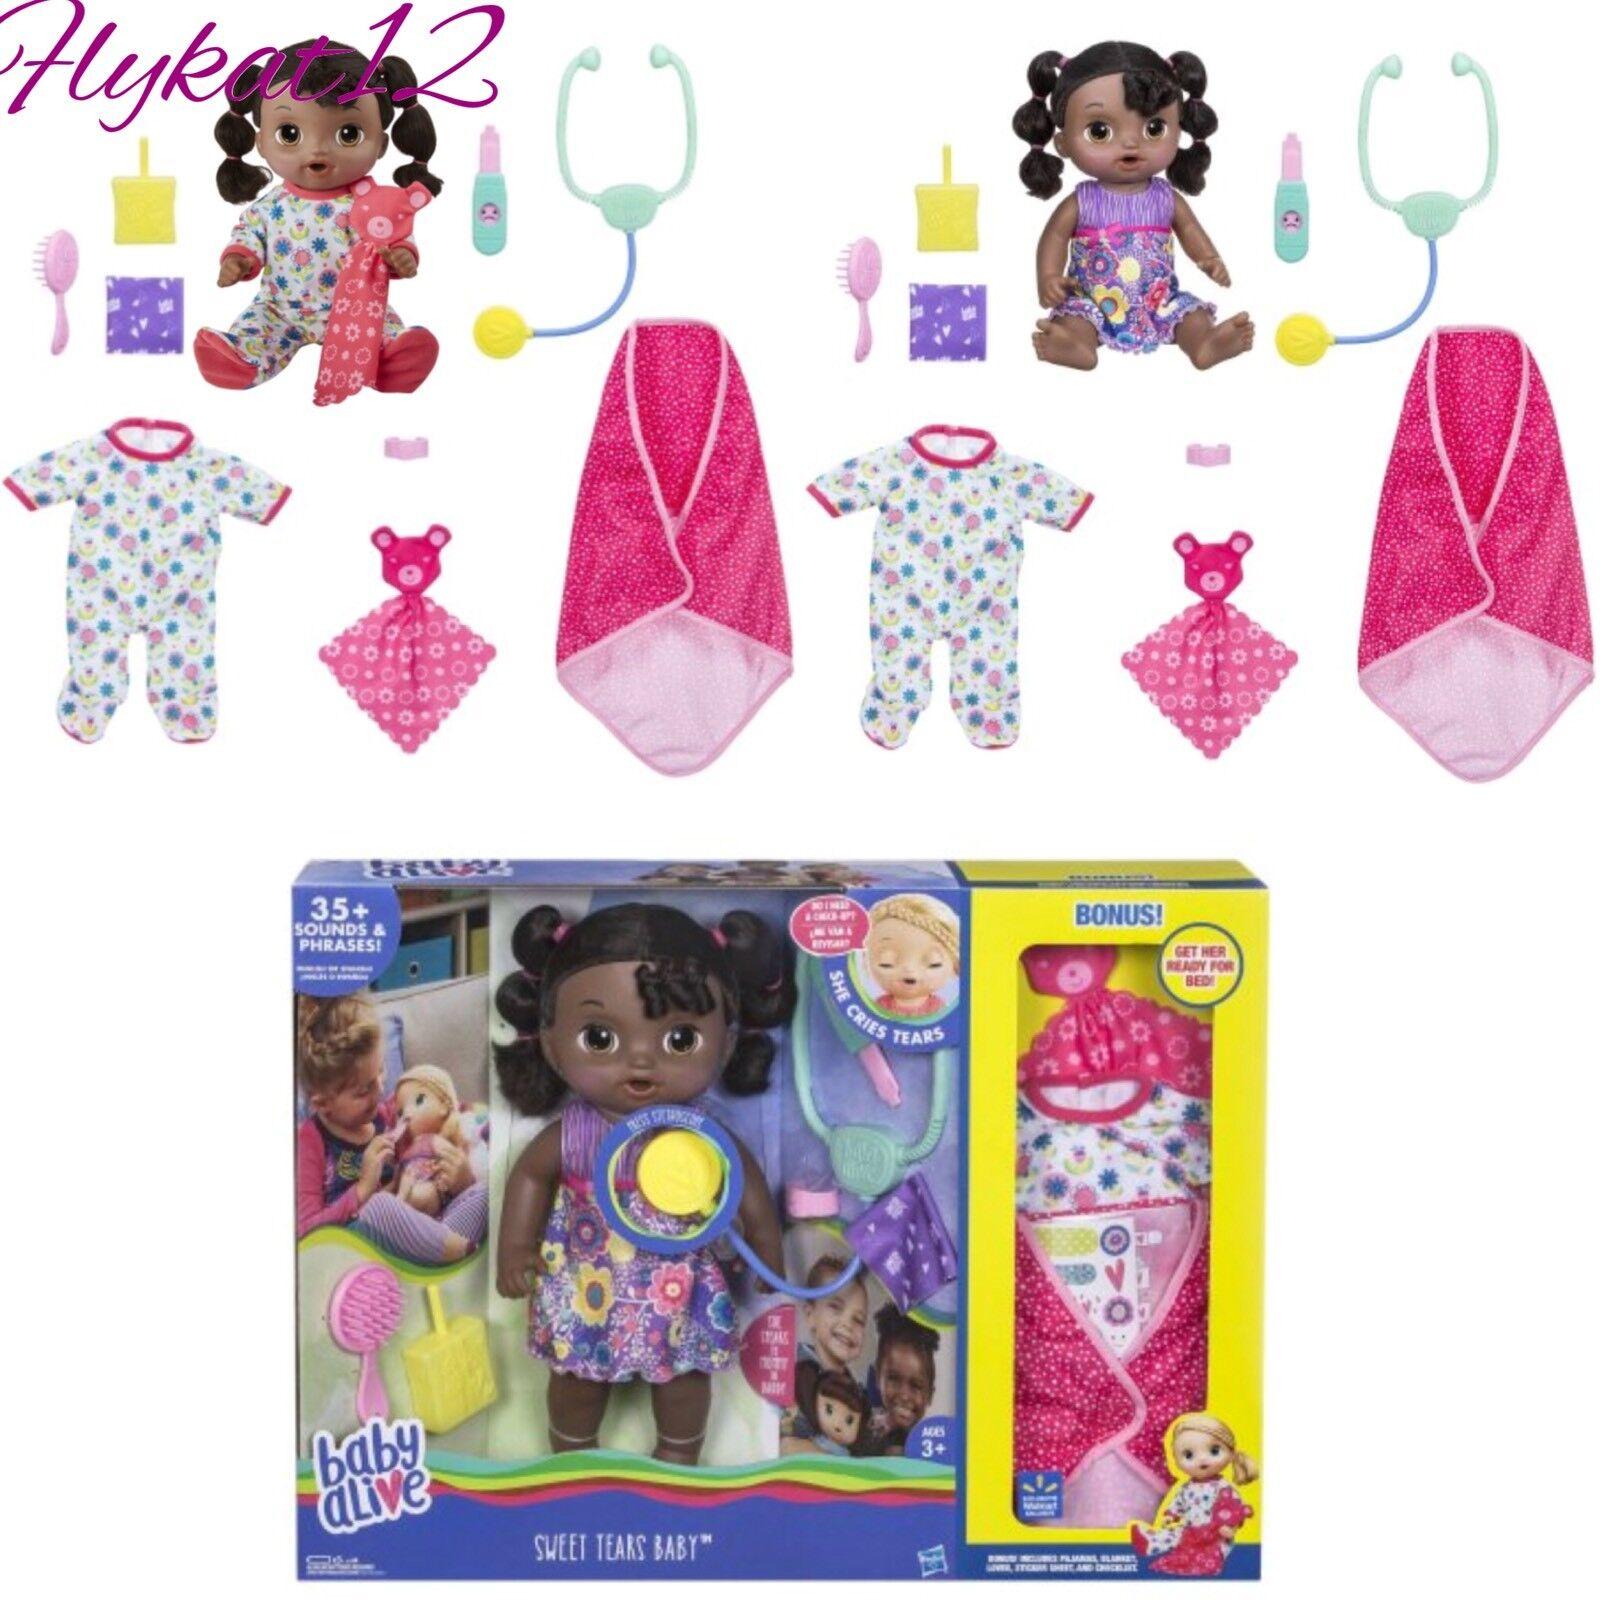 Baby Alive Dulce lágrimas afroamericano bono exclusivo Pack Ahorro